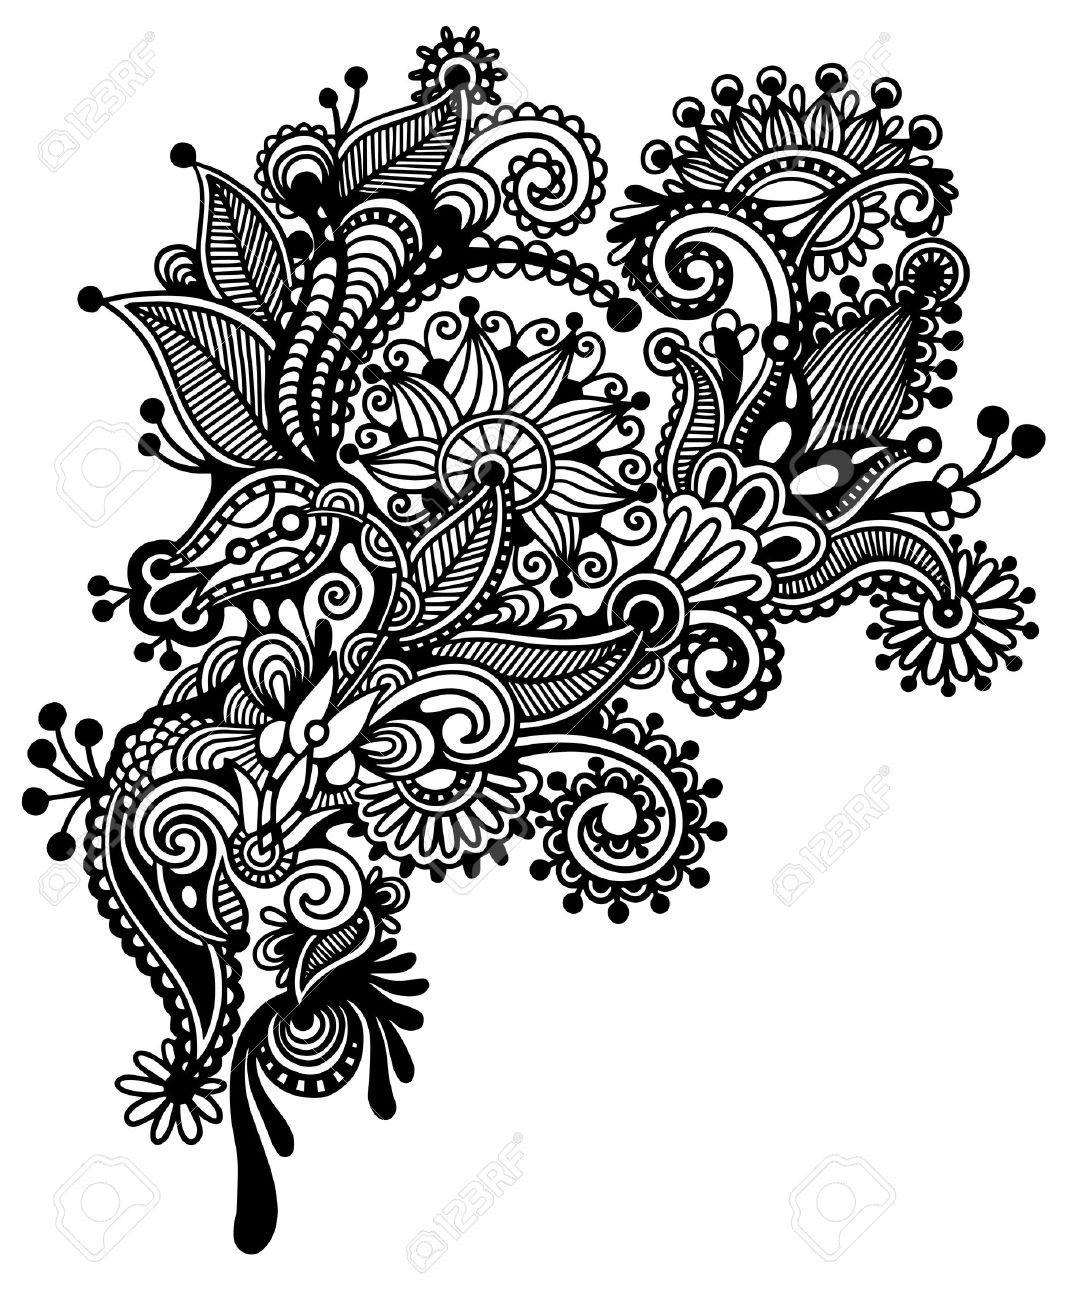 Banque dimages , noir et blanc des dessins au trait de fleurs design fleuri. Ukrainienne style traditionnel